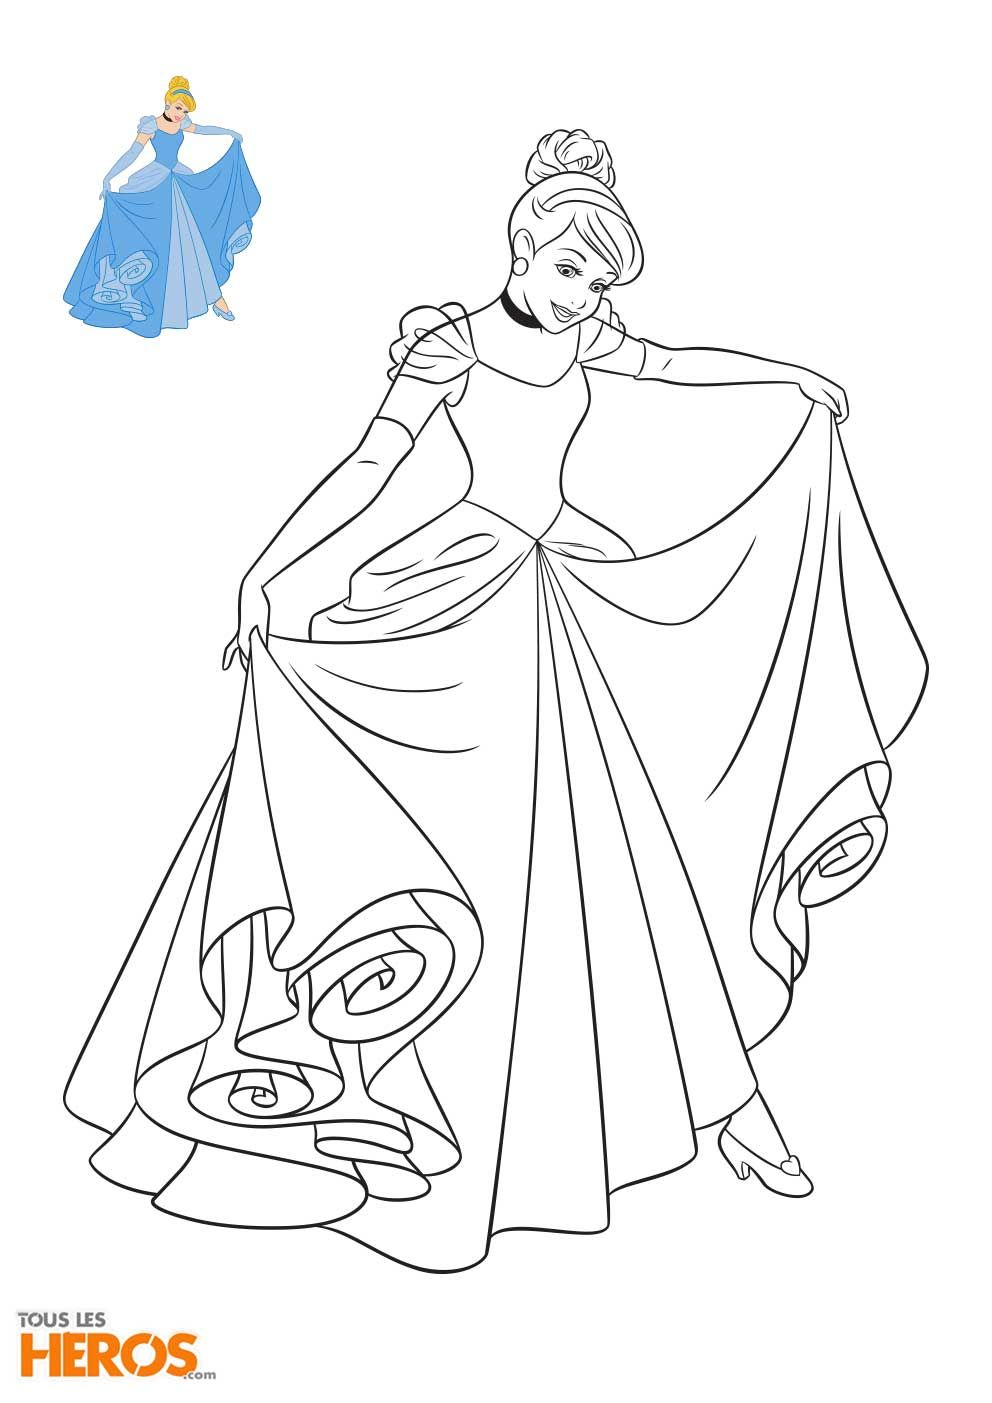 Coloriez Les Princesses De Disney Sur Le Blog De Tous Les Heros Fada Para Colorir Figuras Para Colorir Coisas Para Colorir